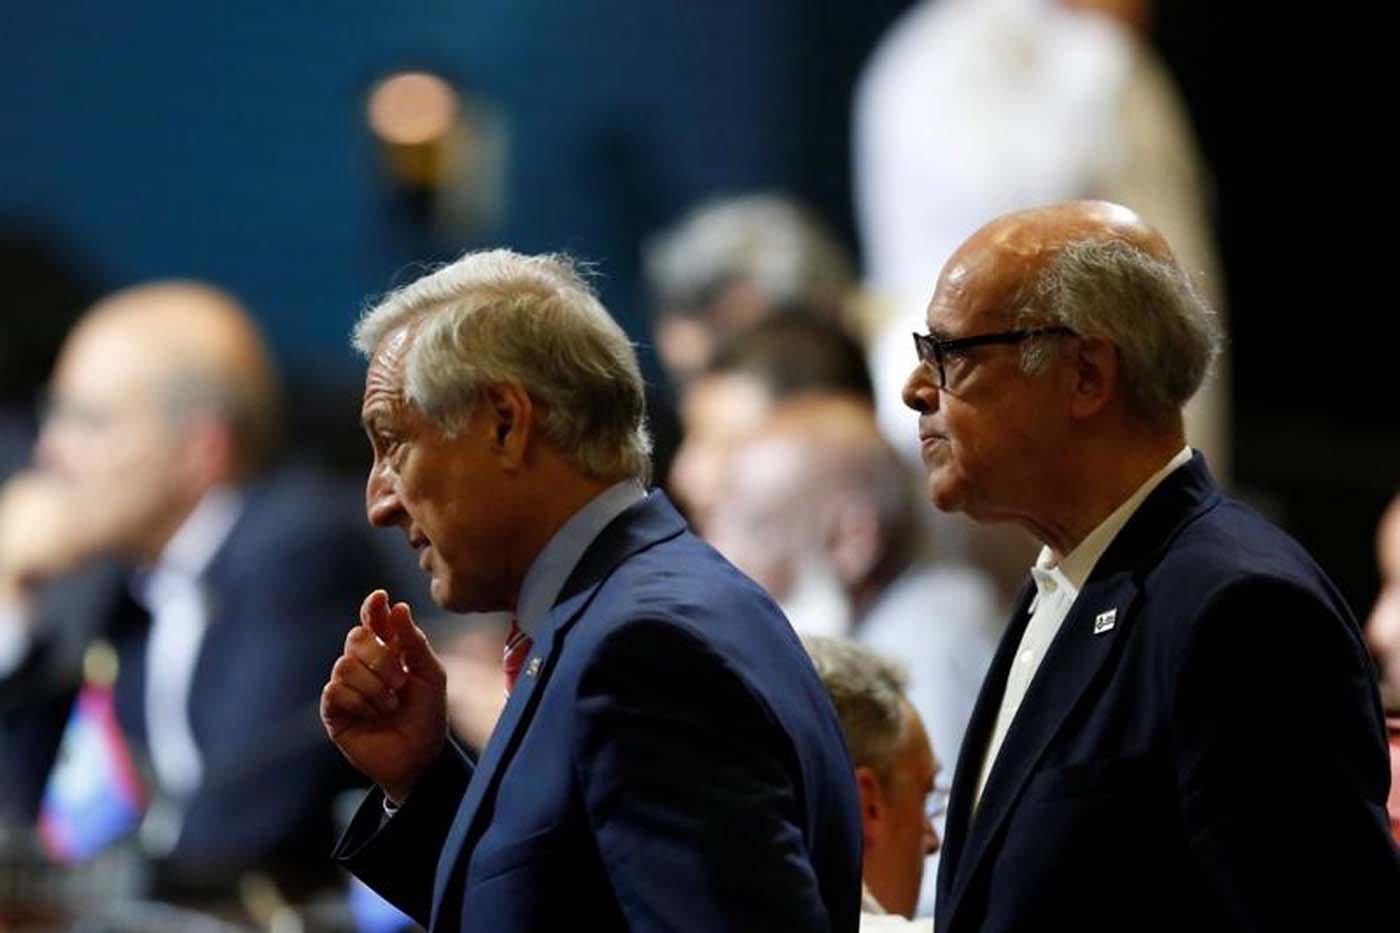 El ministro de Relaciones Exteriores de Perú, Ricardo Luna Mendoza, y su homólogo chileno, Heraldo Munoz(Foto archivo REUTERS/Carlos Jasso)